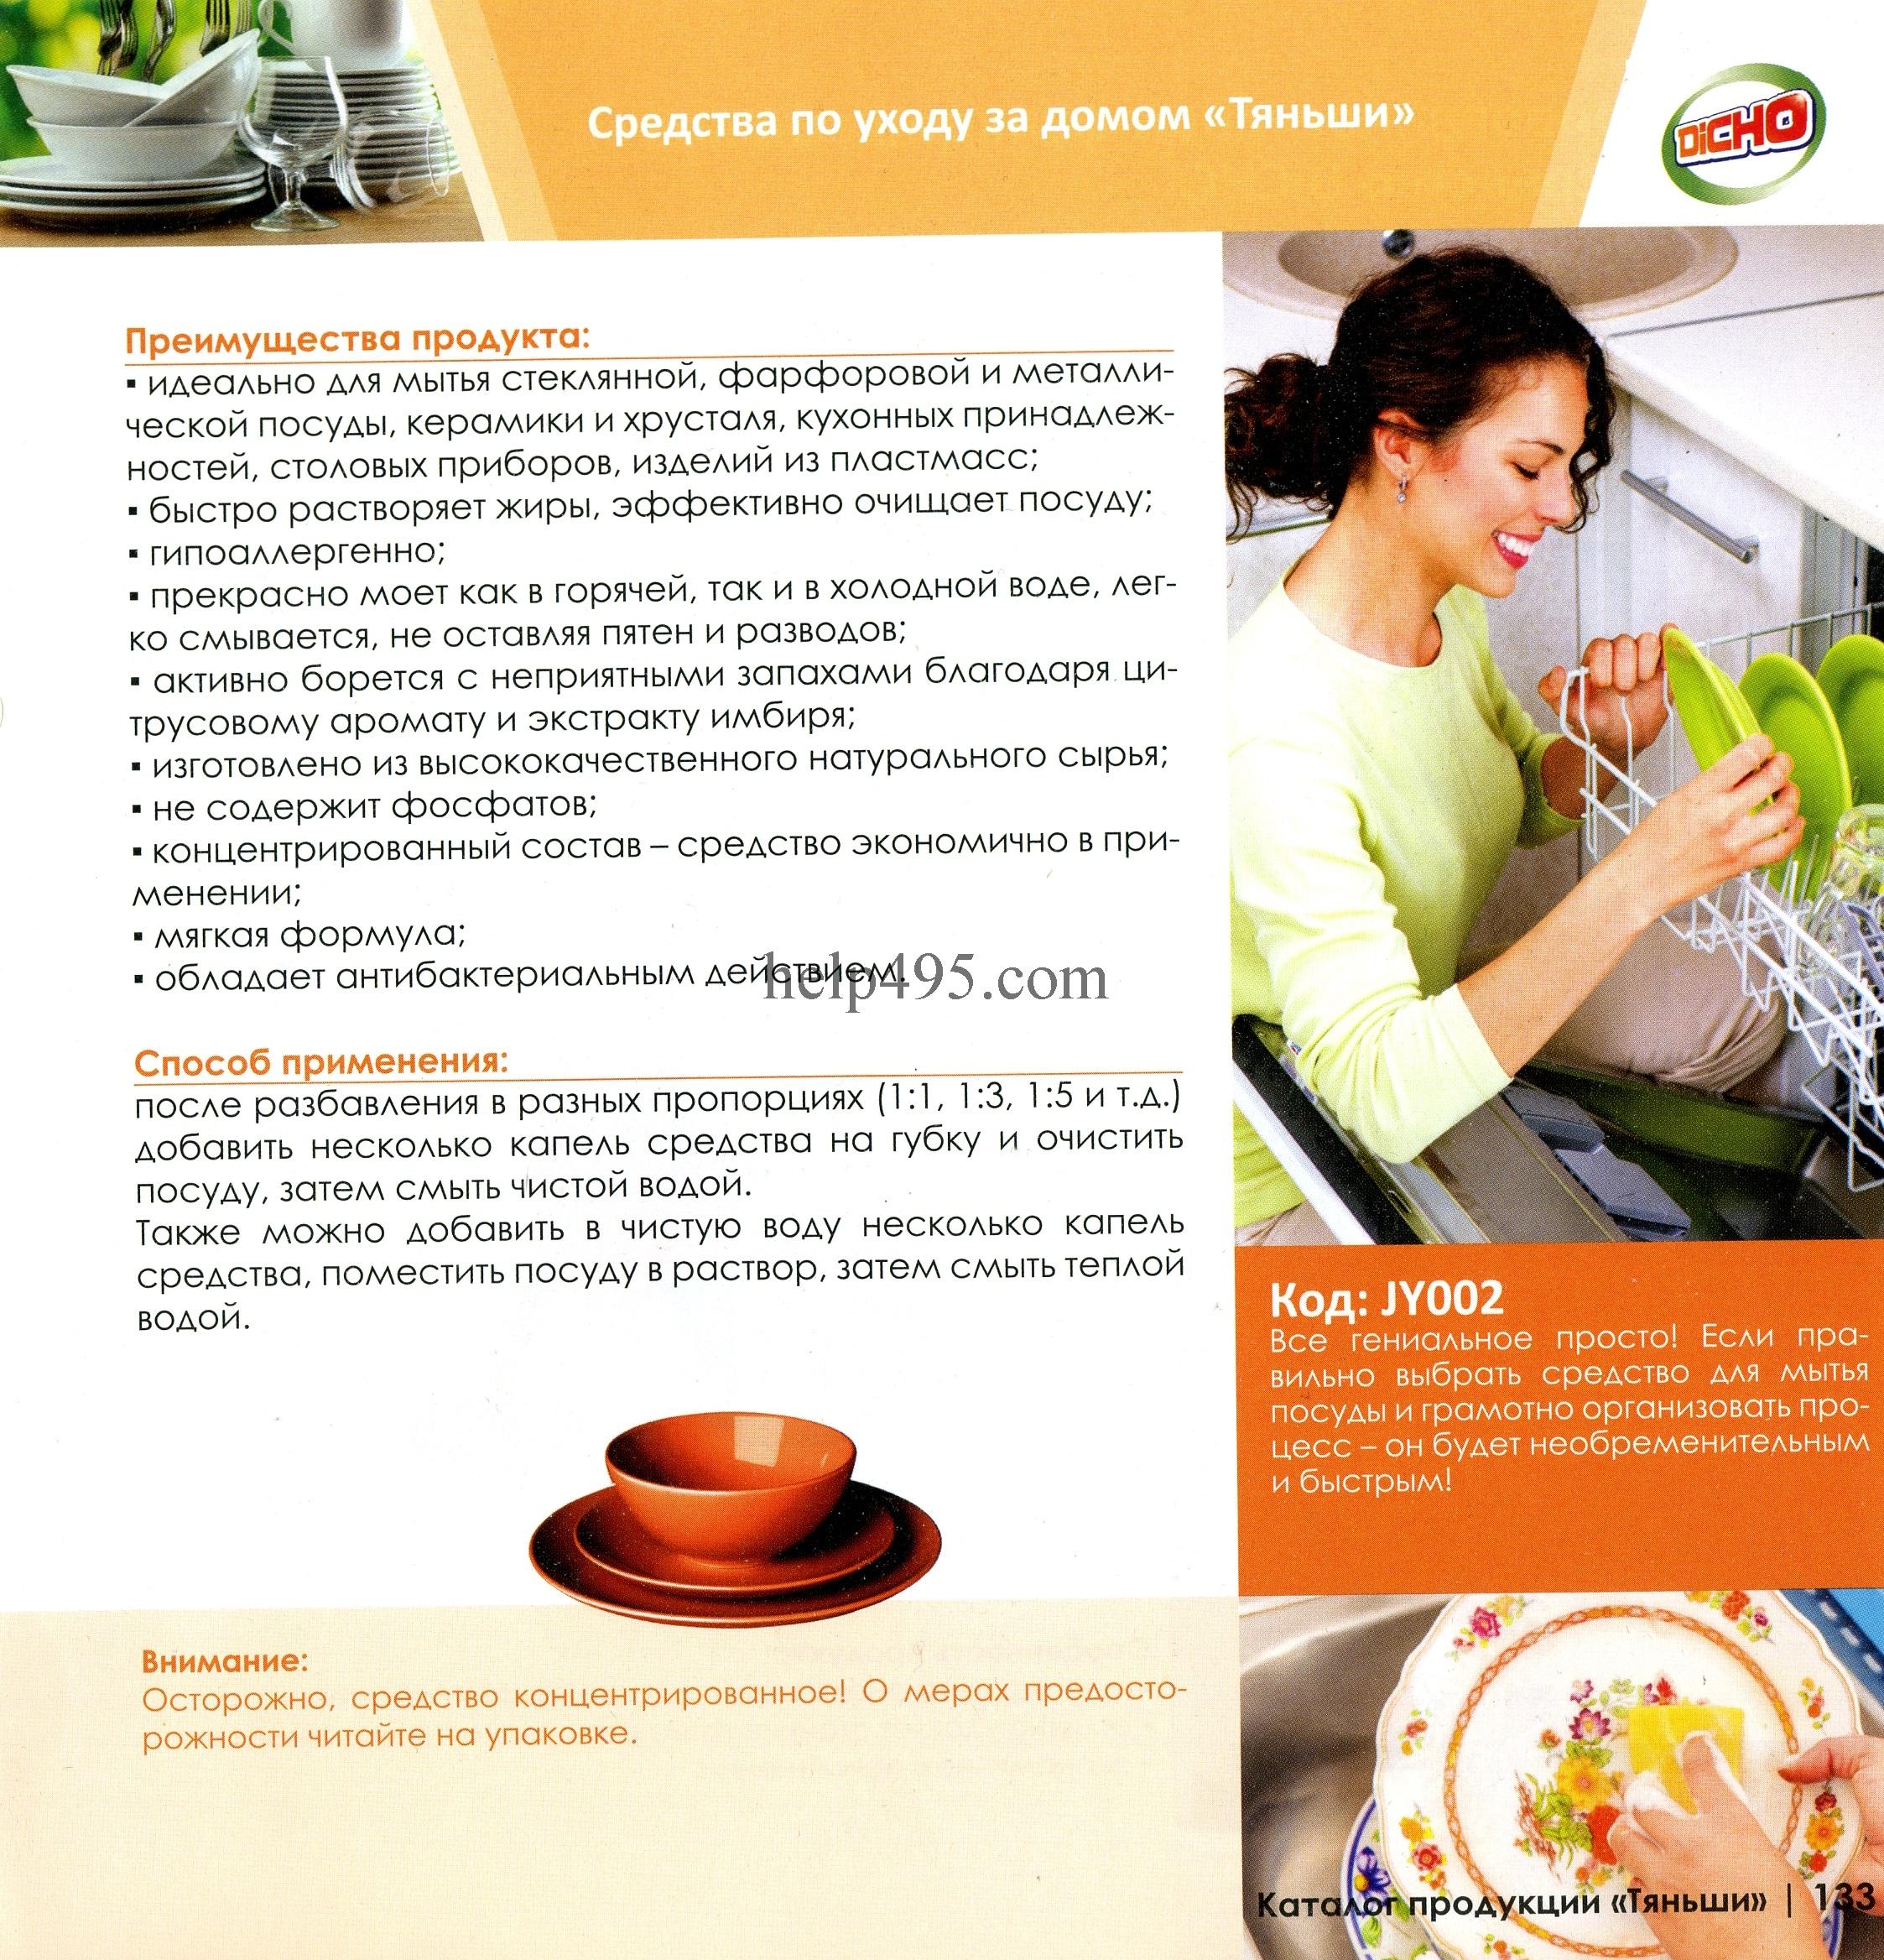 Действие Концентрированного средства для мытья посуды DICHO